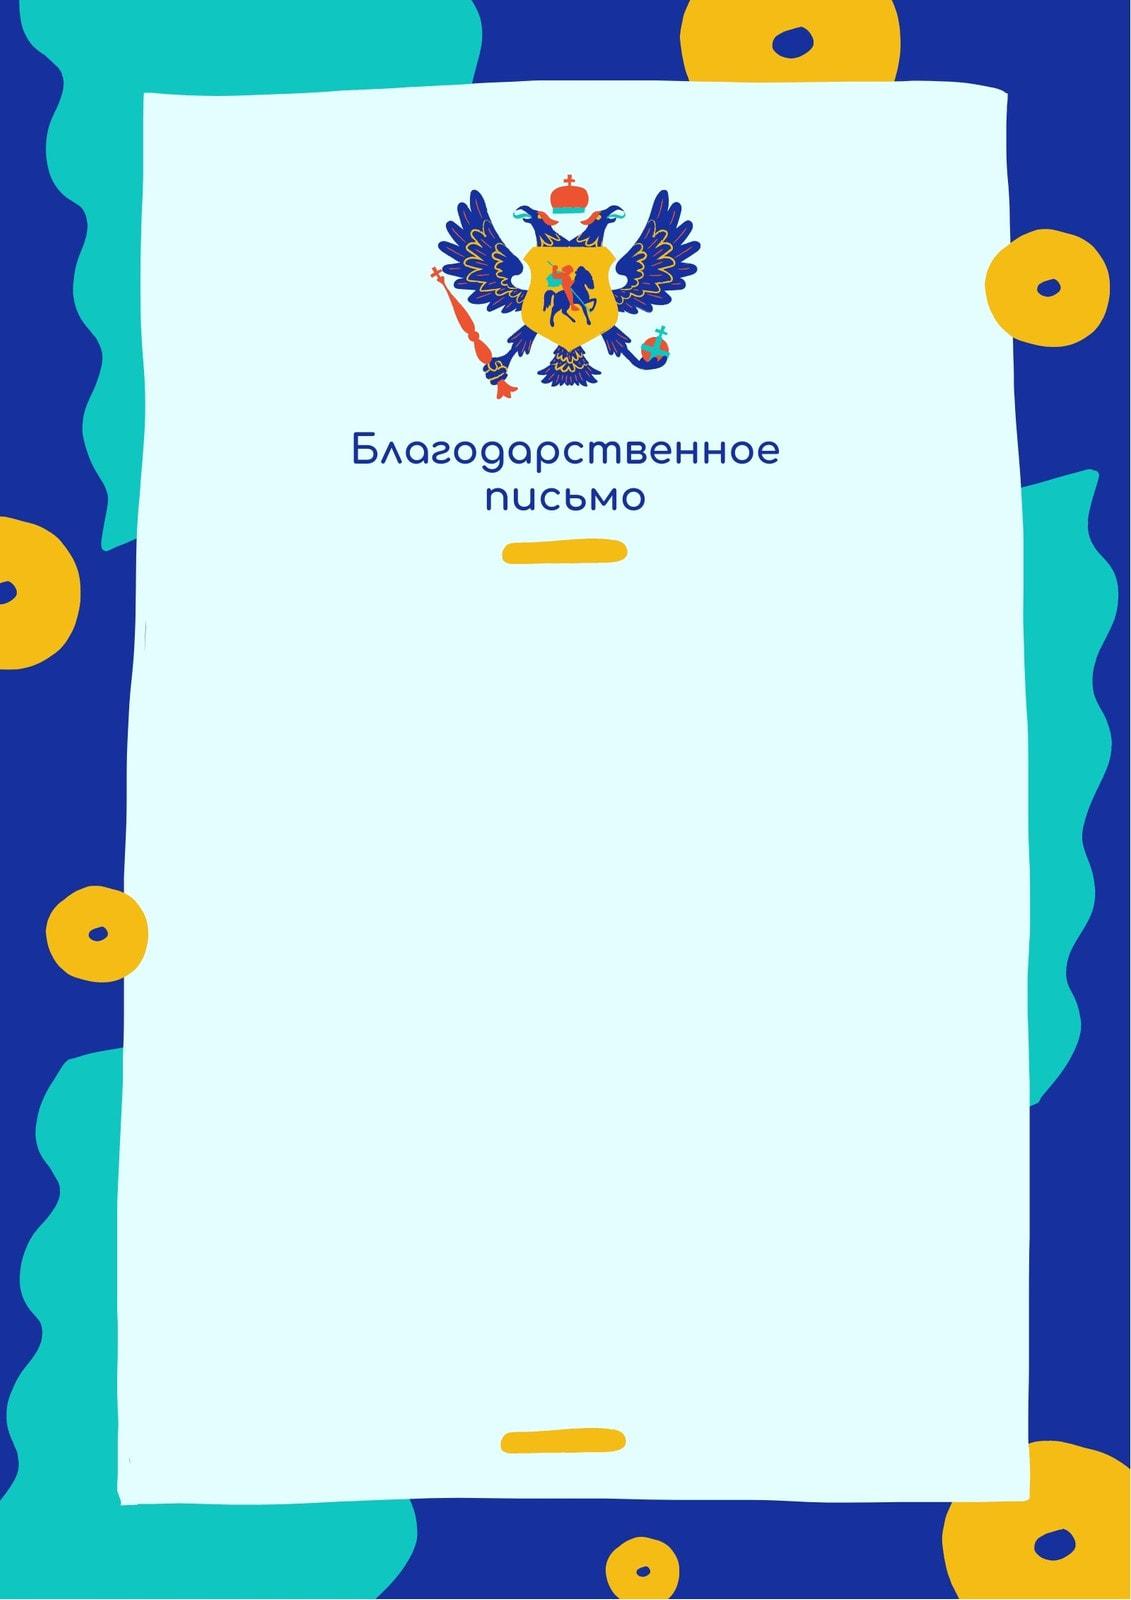 Синее праздничное благодарственное письмо с гербом и рамкой